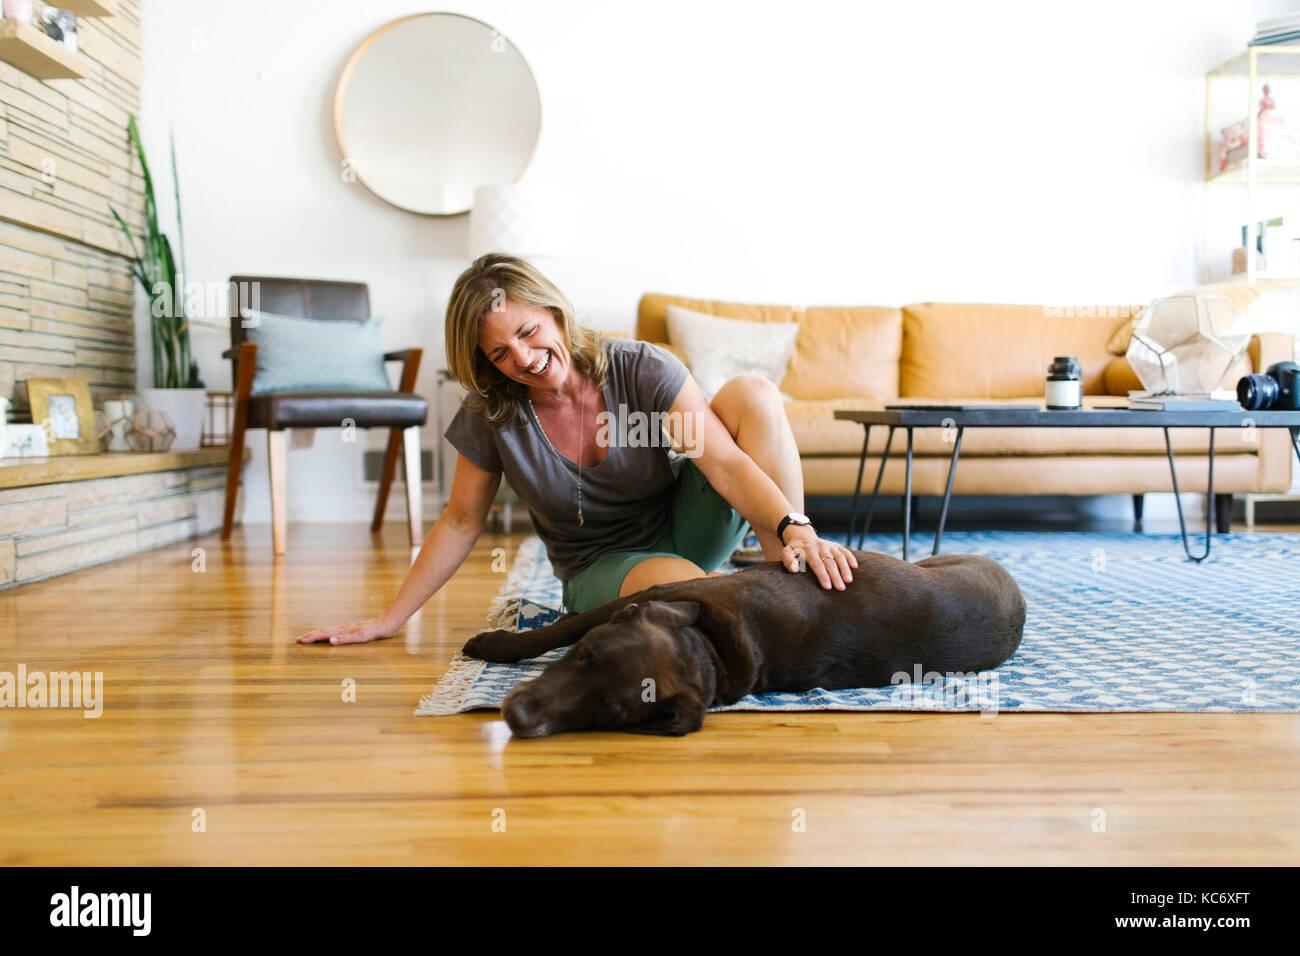 Mujer acariciando labrador retriever en el salón Imagen De Stock